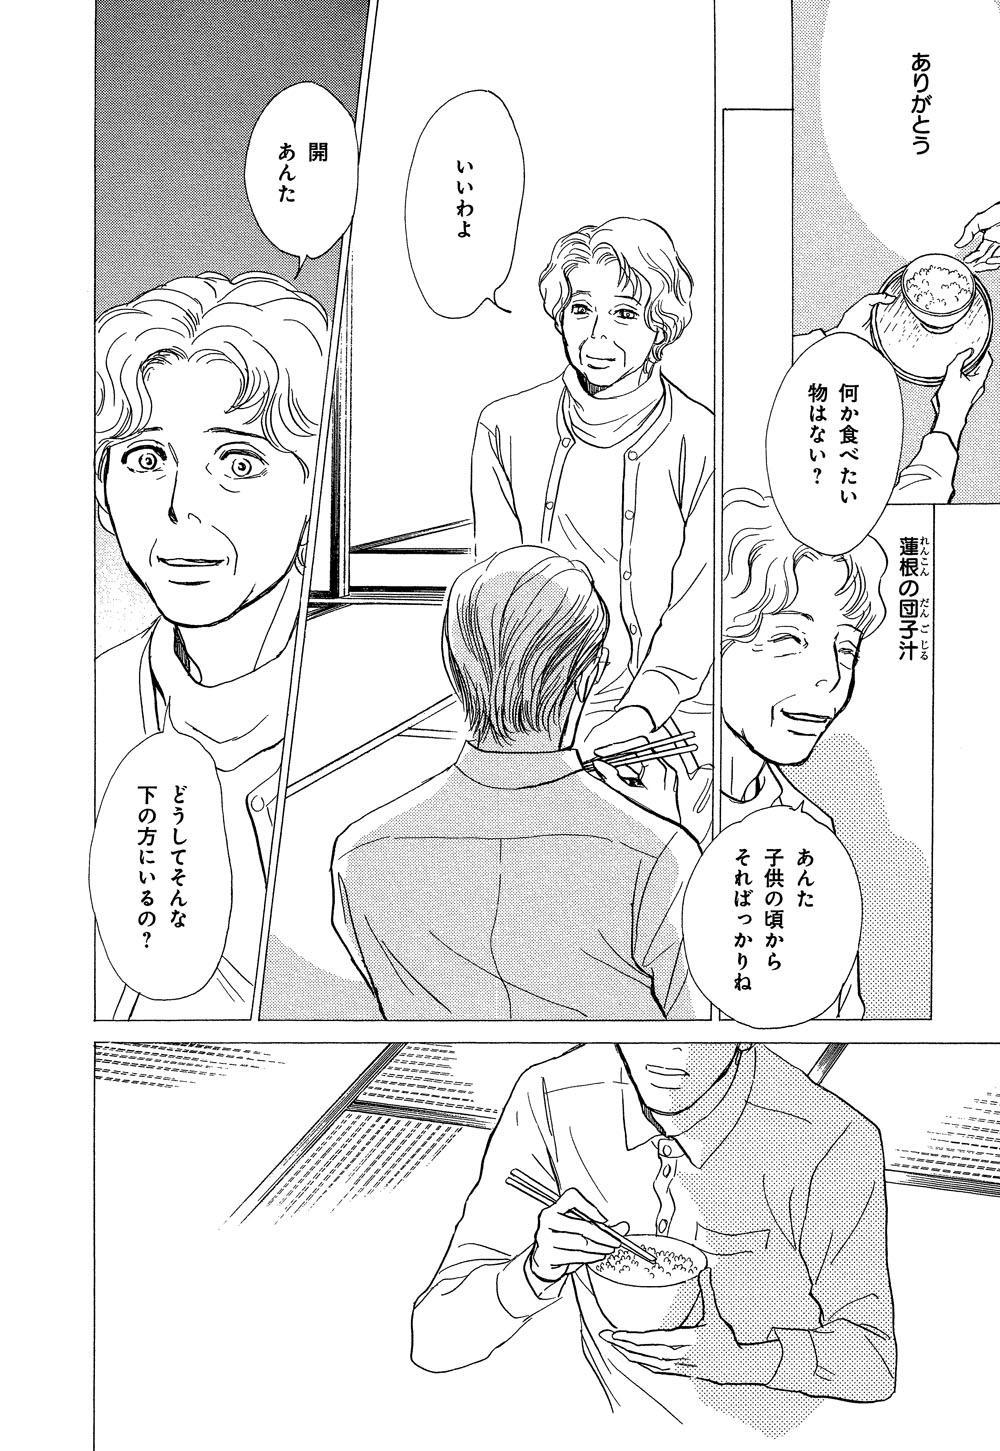 hyakki_0021_0014.jpg